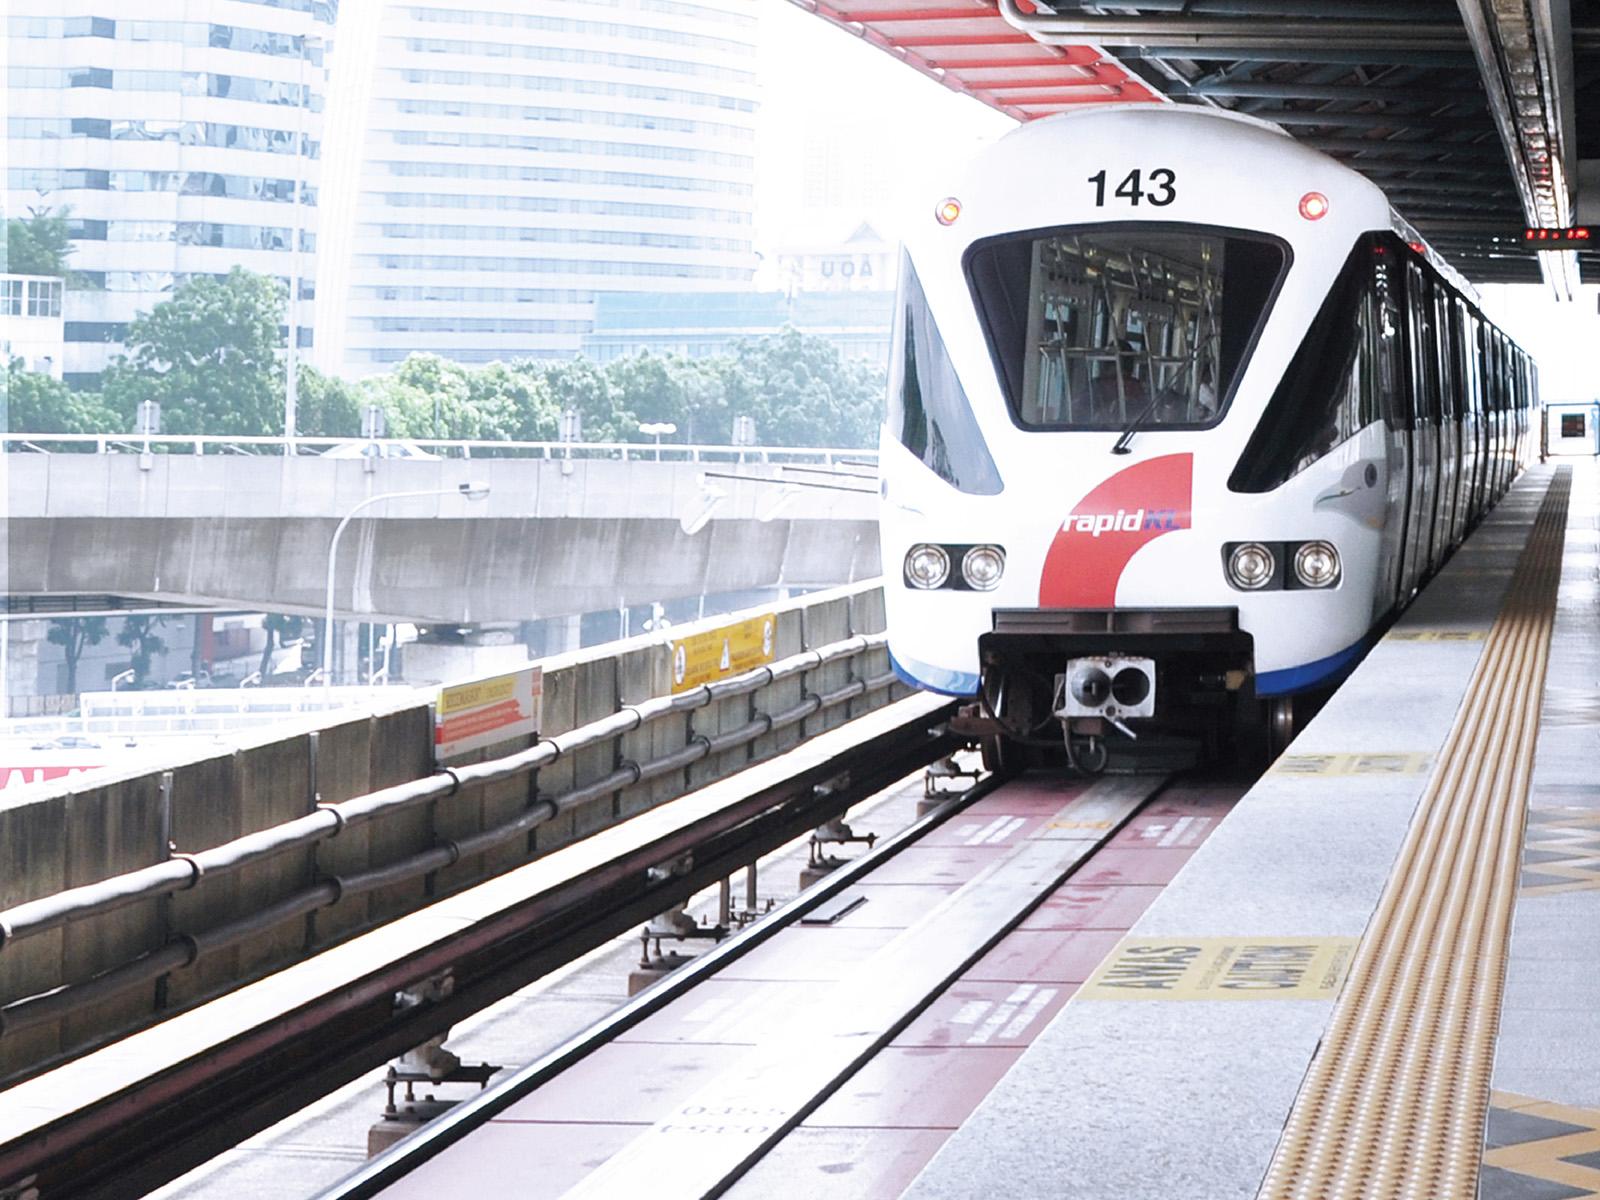 Train approaching KL Gateway - Universiti train station